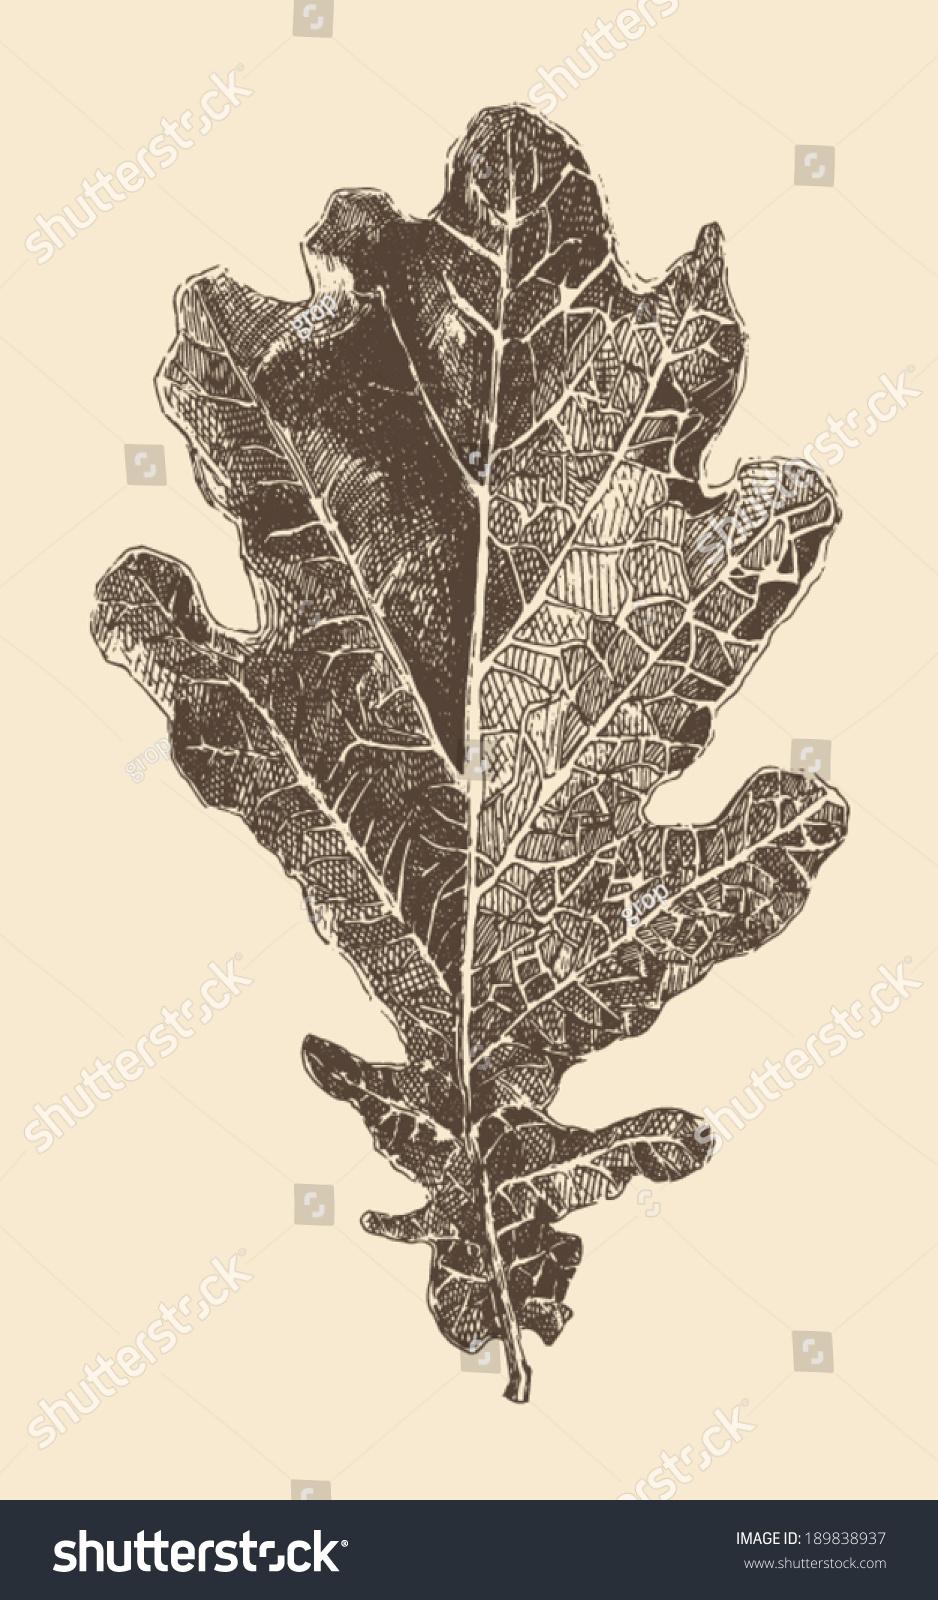 橡树叶子雕刻风格,复古插画手绘-自然,其它-海洛创意